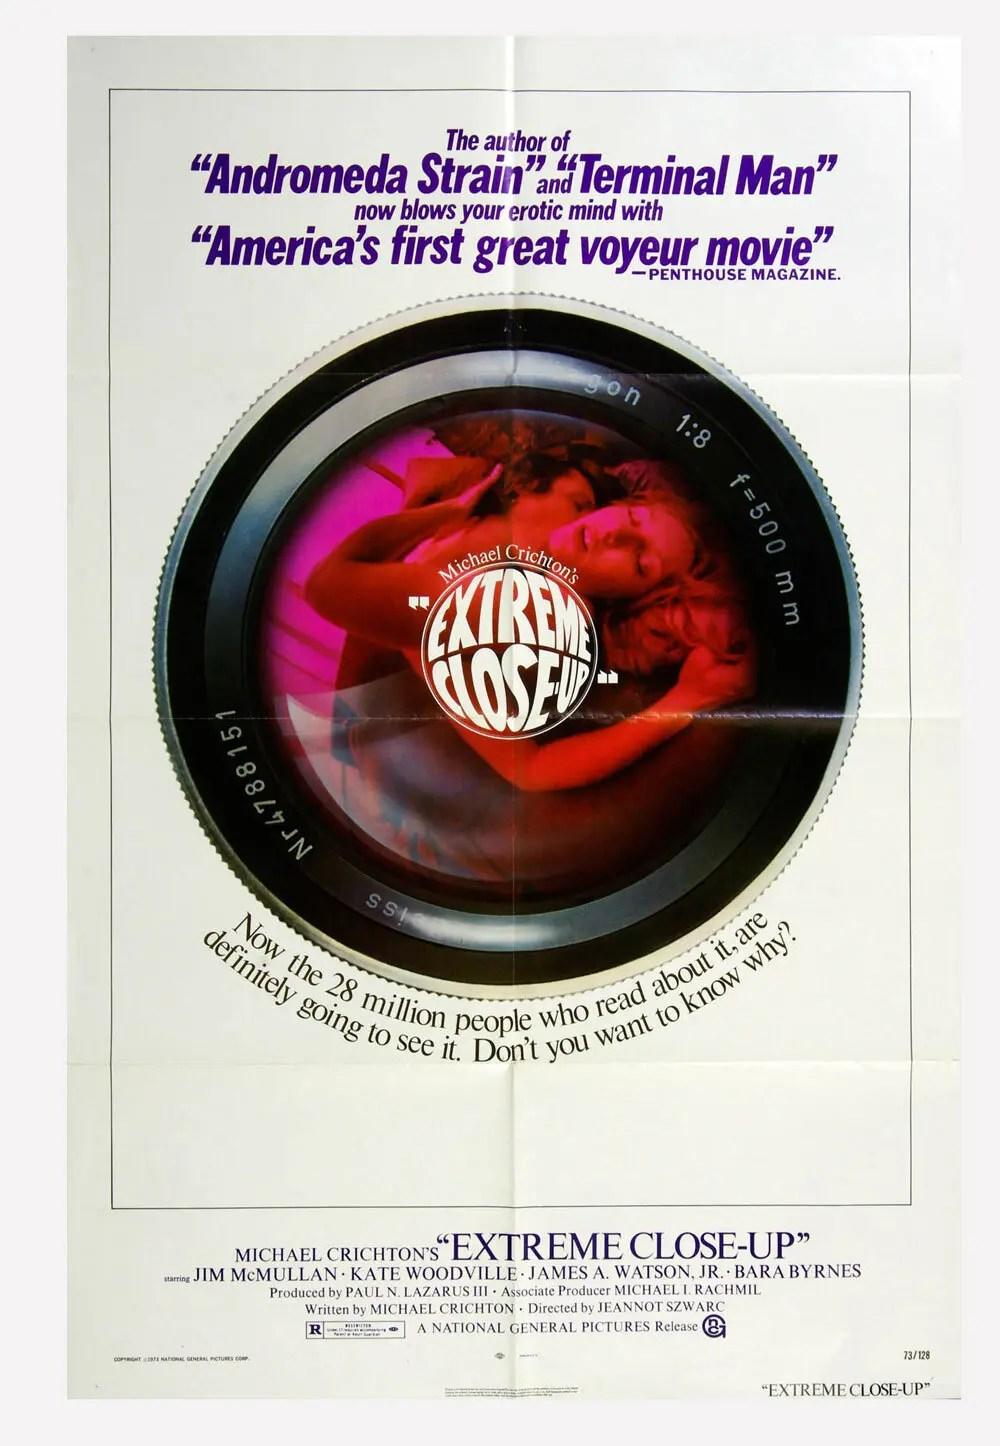 Extreme Close Up Movie Poster 1973 Jim McMullan 27 x 41 1 Sheet